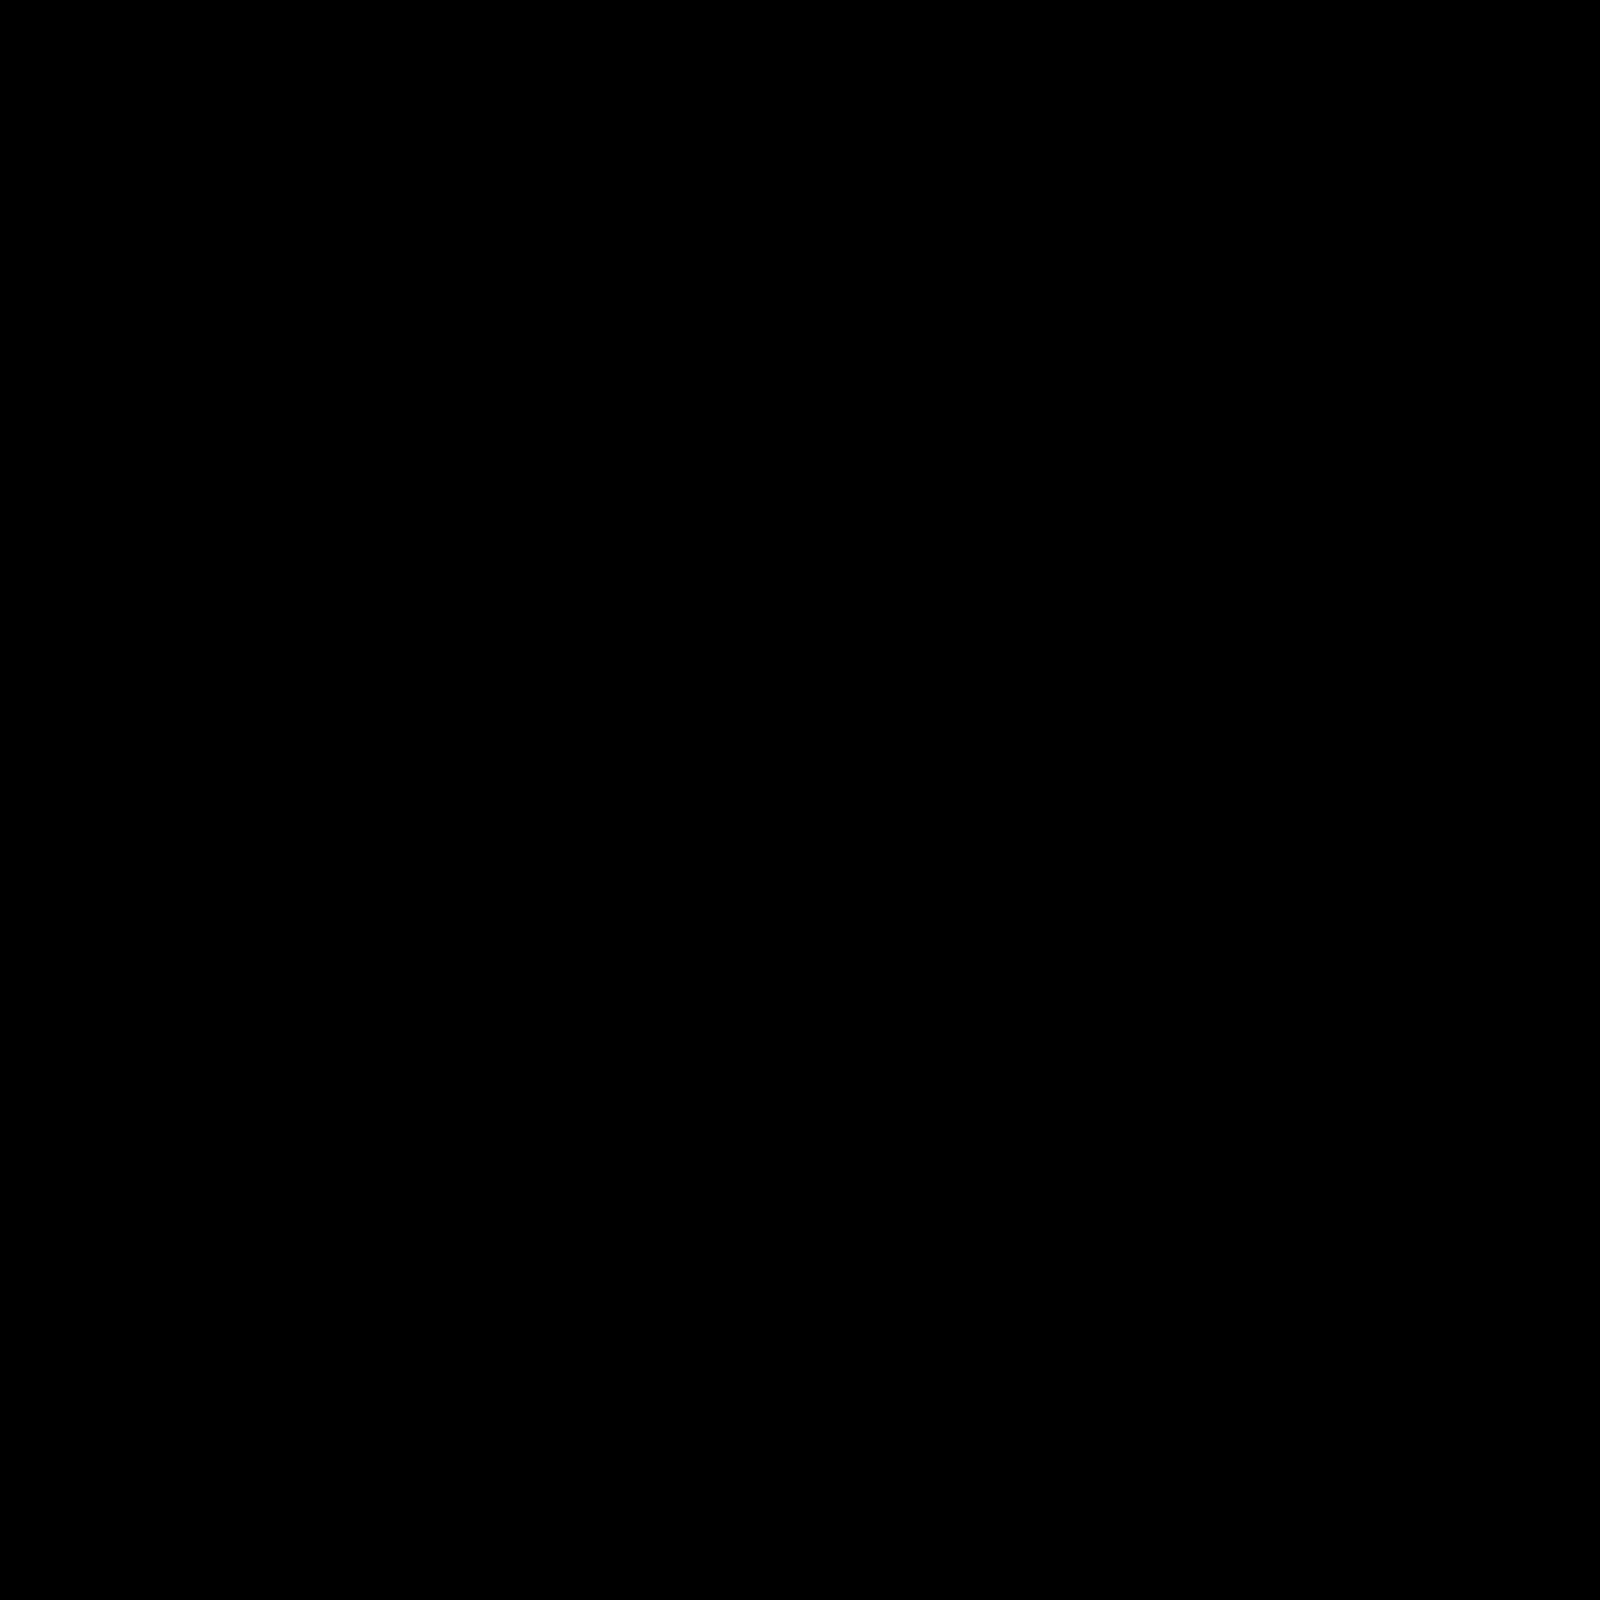 Niebieski ekran śmierci icon